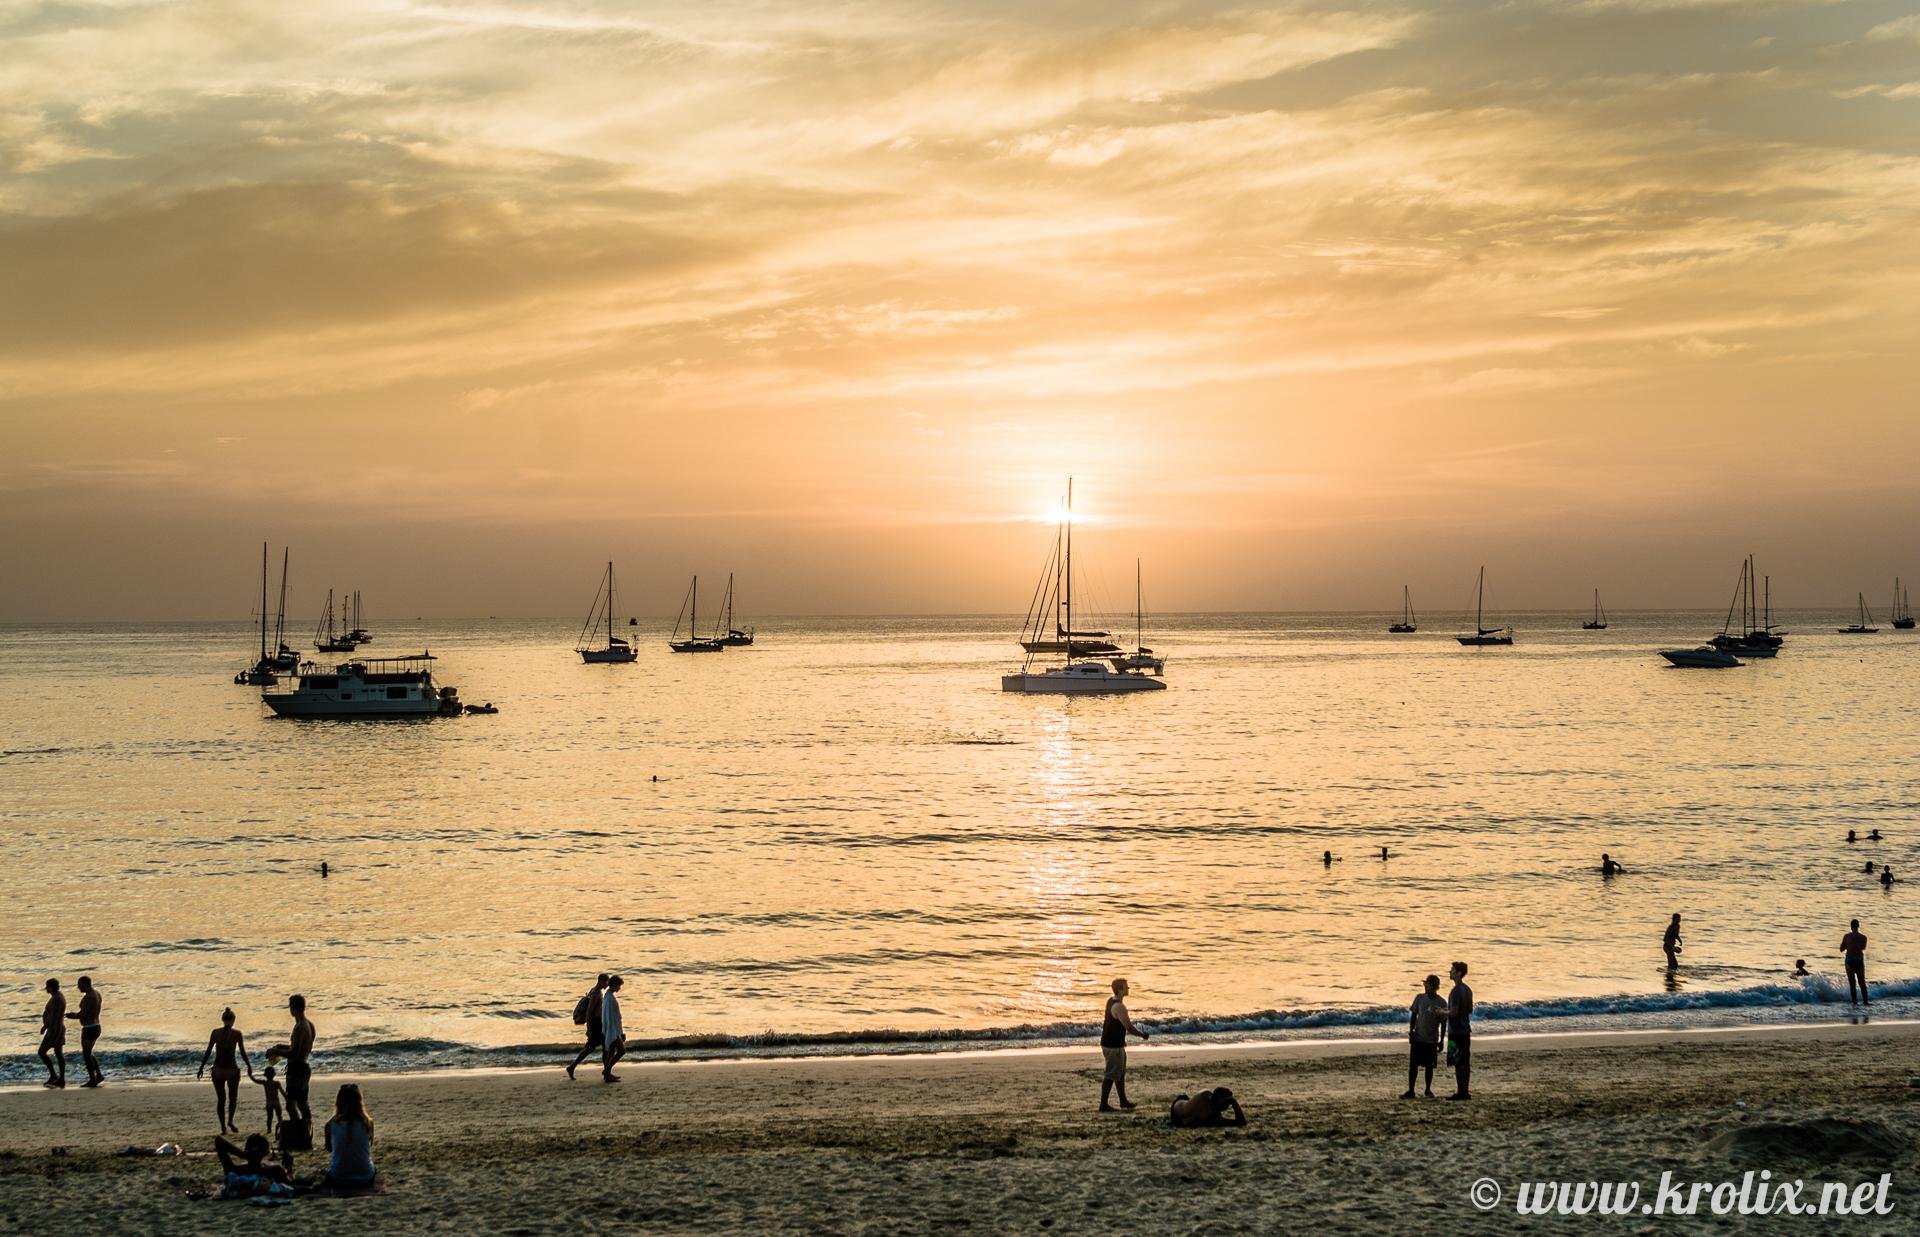 или же кремово-оранжевого цвета, если сфокусироваться на уходящем солнце и море рядом с ним.